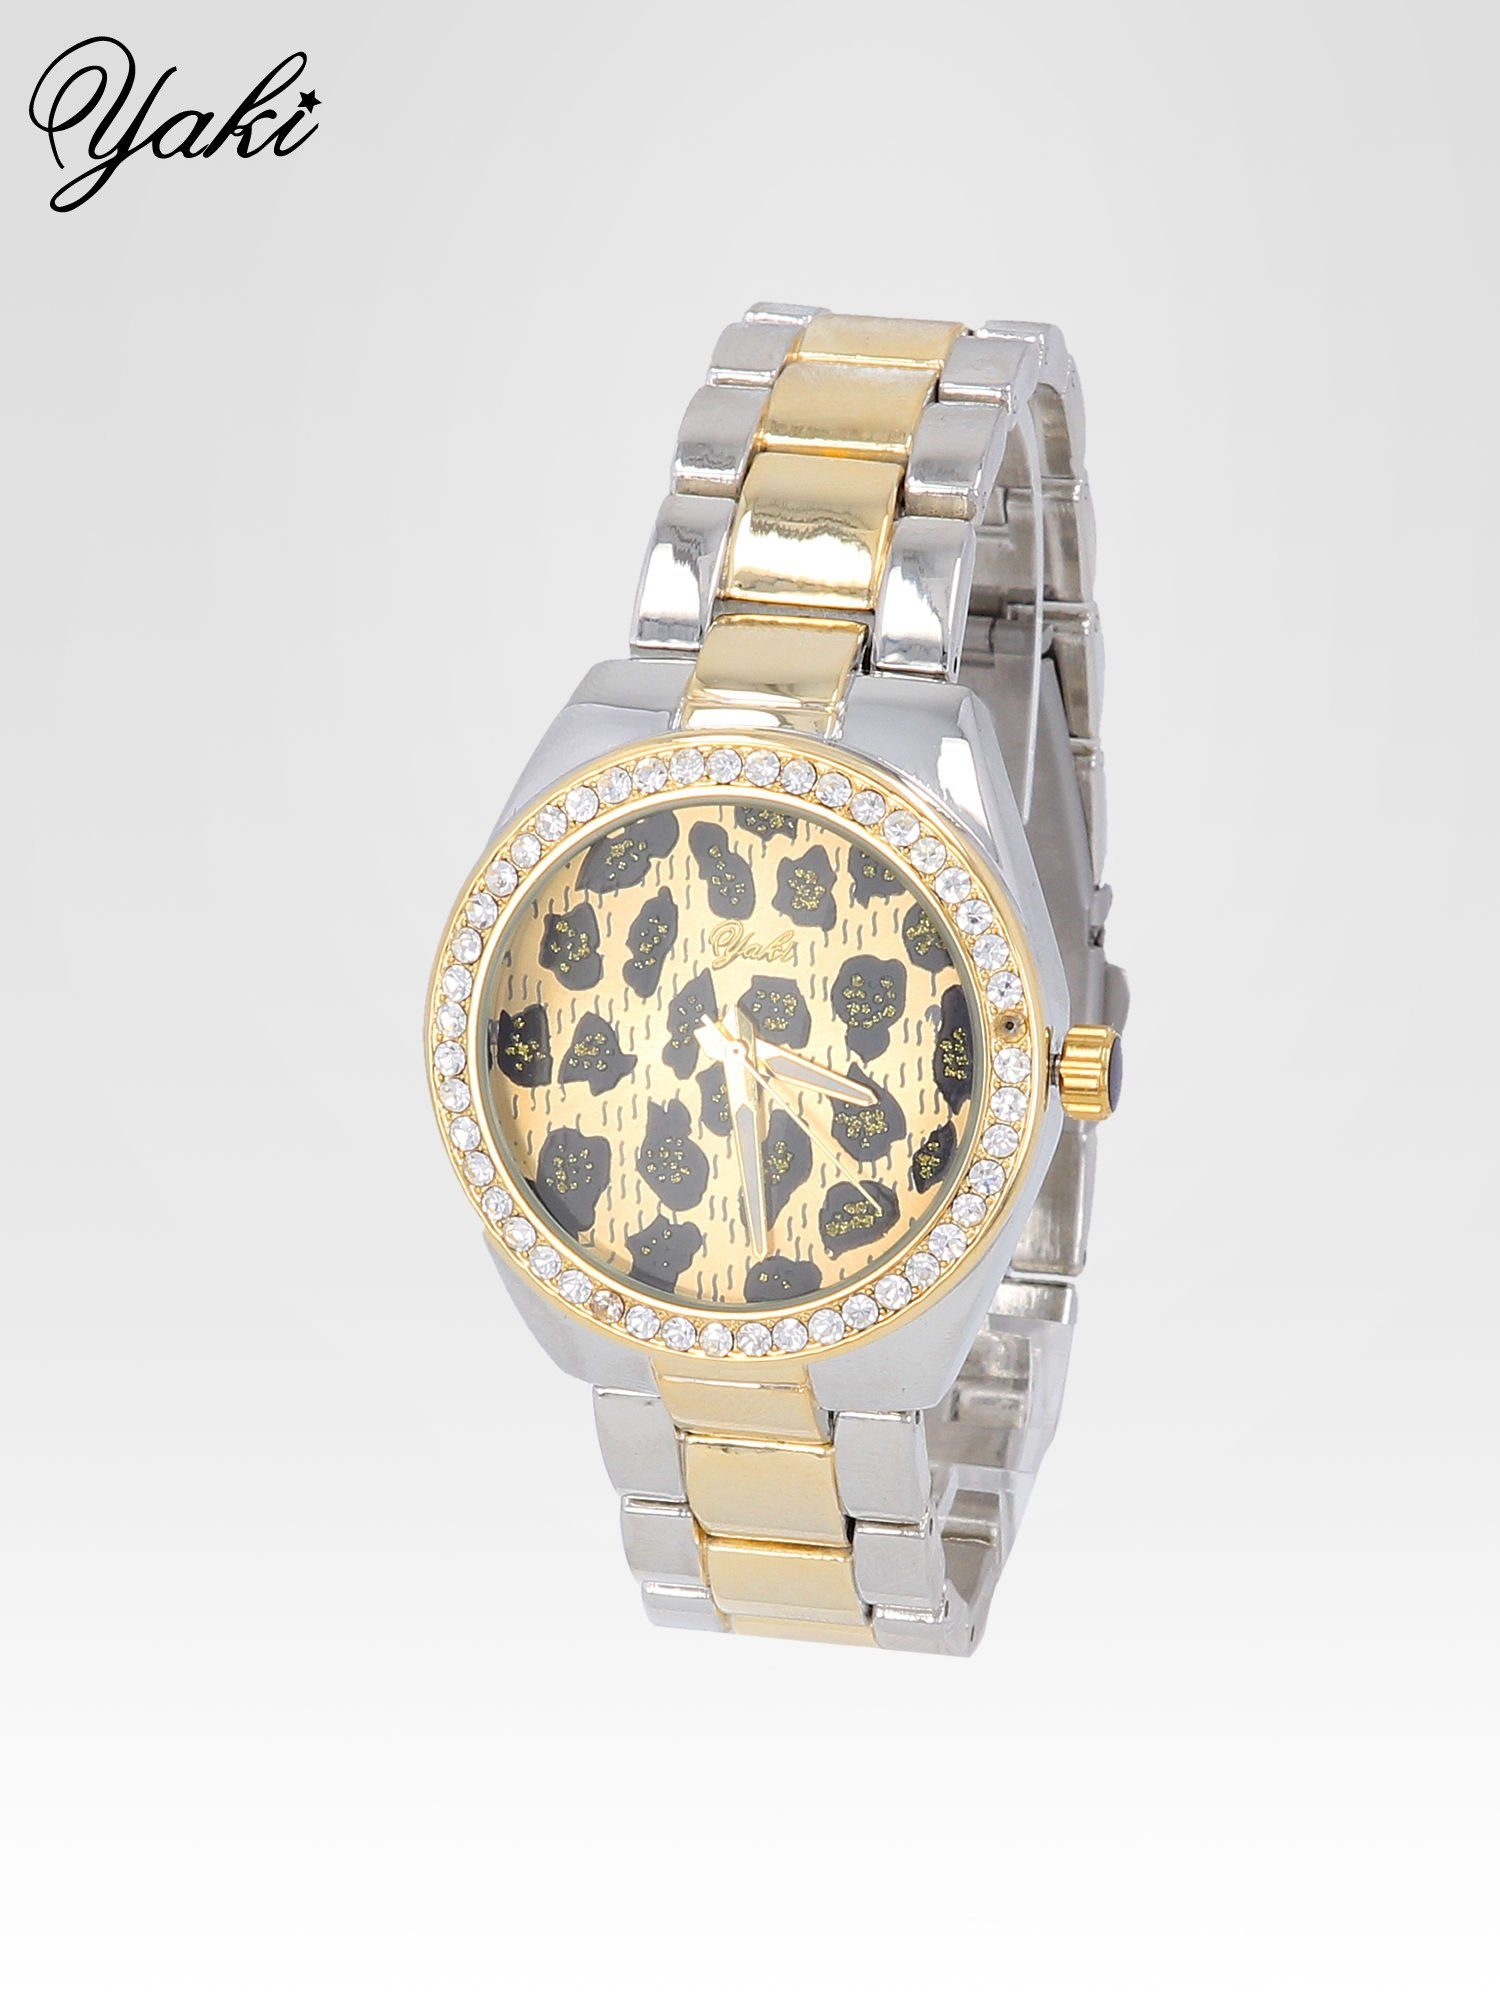 Złoto-srebrny zegarek damski na bransolecie z panterkową tarczą                                  zdj.                                  2